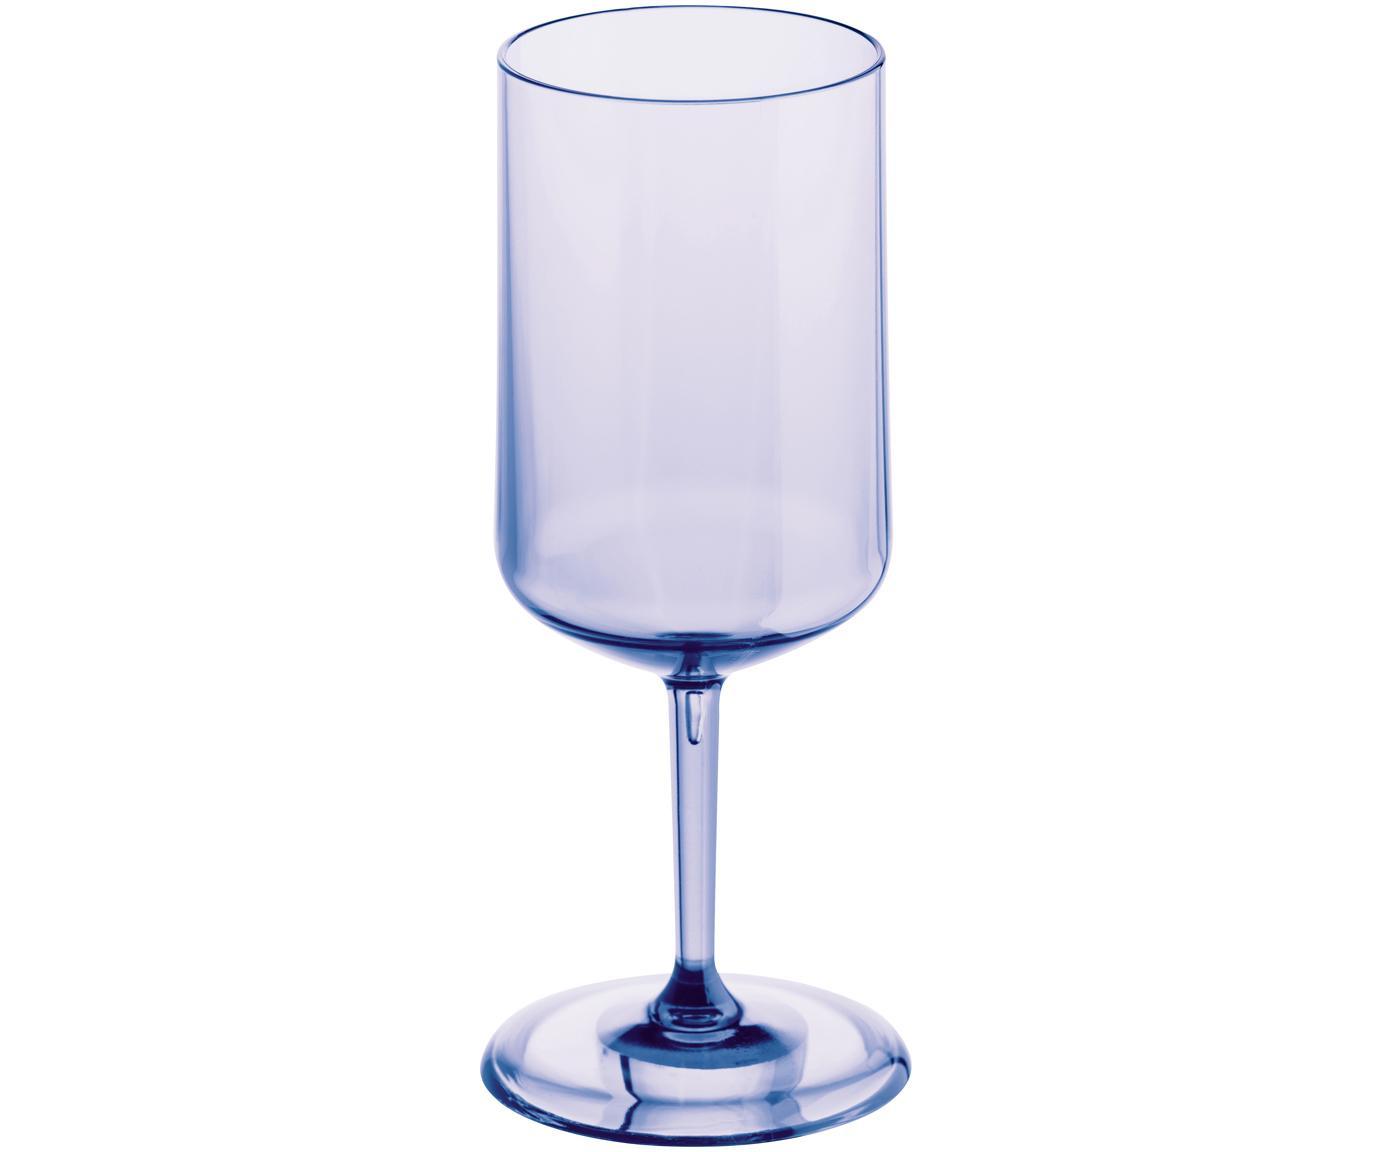 Breukvast kunststof witte wijnglas Cheers, Thermoplastisch kunststof (superglas), Lilablauw, transparant, Ø 9 x H 21 cm